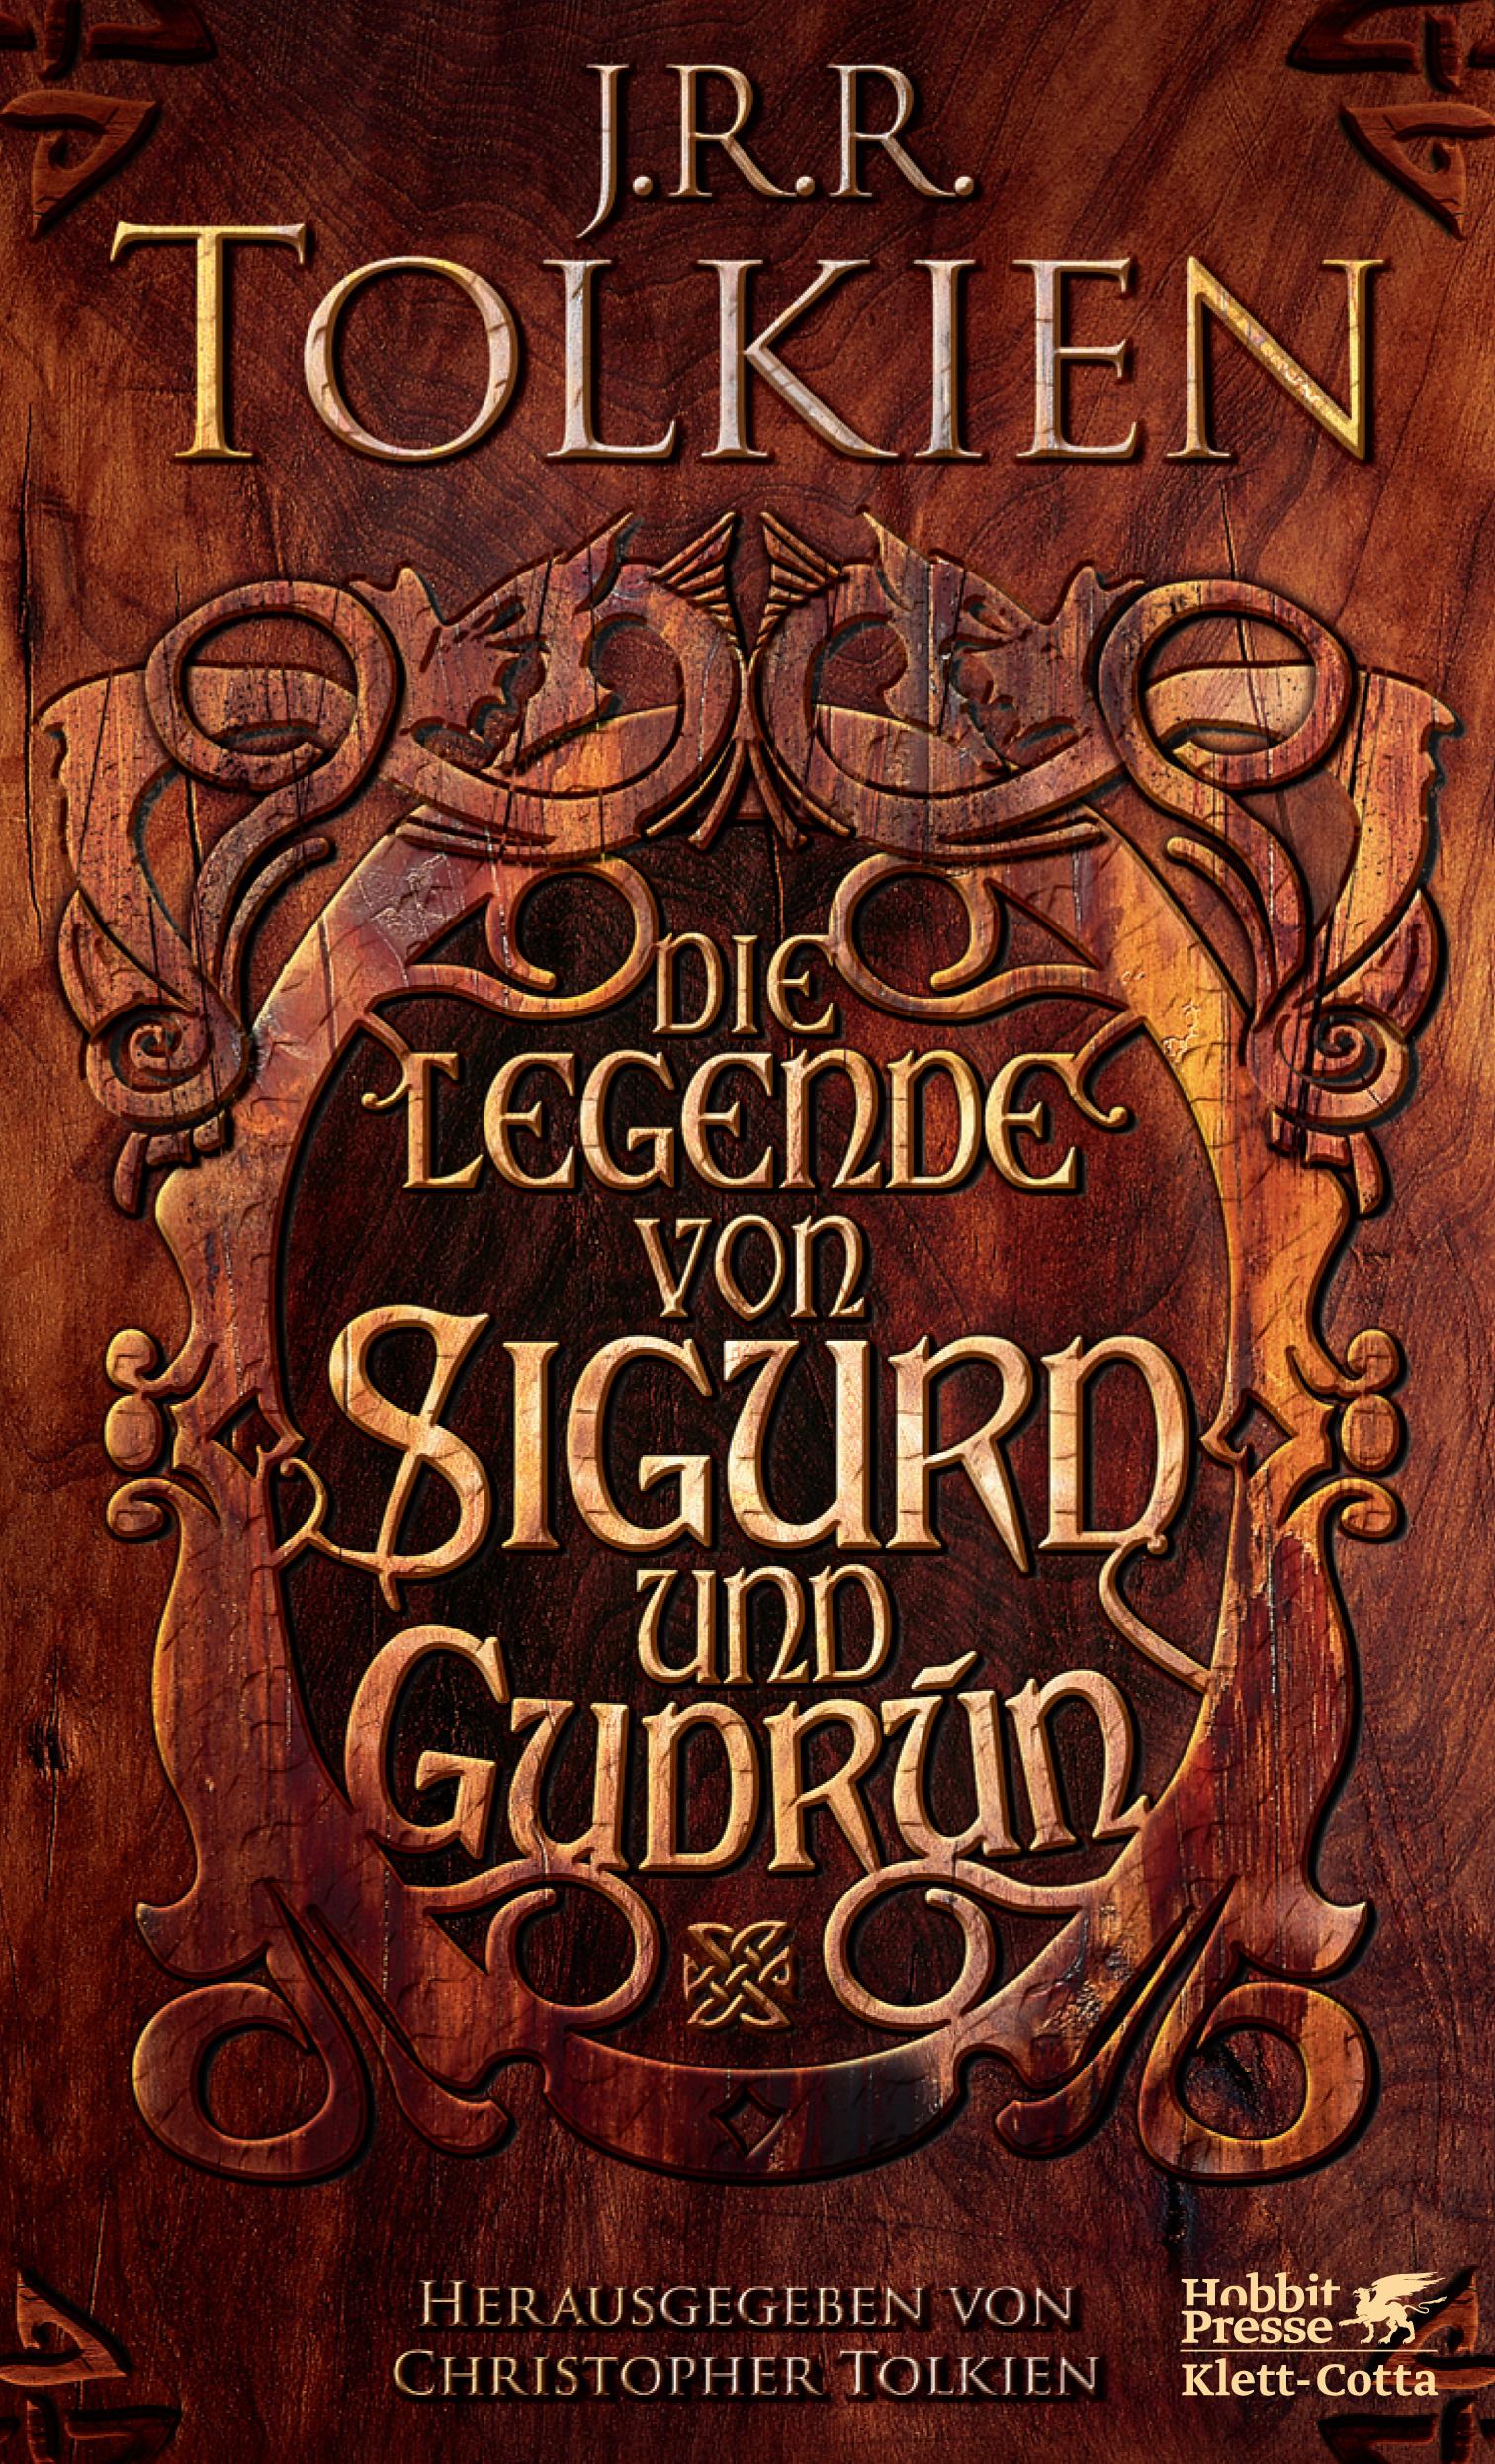 Die Legende von Sigurd und Gudrún - John Ronald Reuel Tolkien